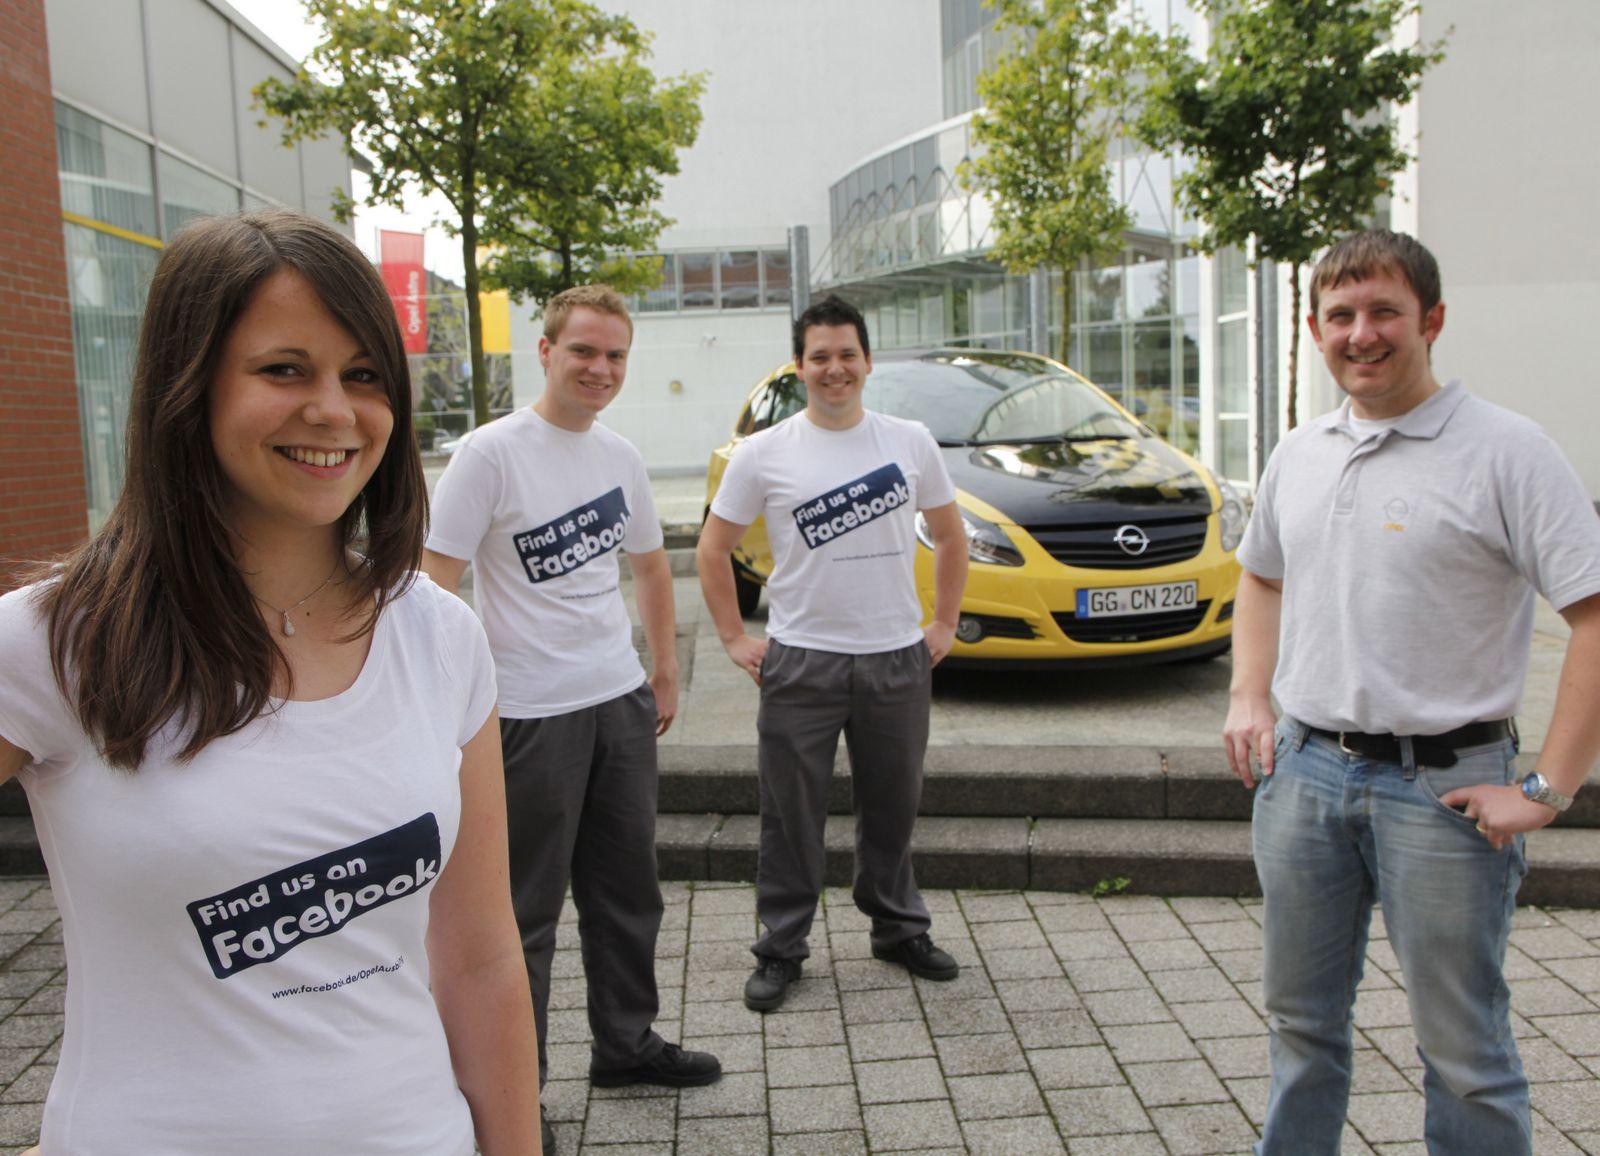 Gruppenbild mit Dame: Das Team von Ausbildung @ Opel, Yvonne, Stephan, Stefan und Michael Schmidt